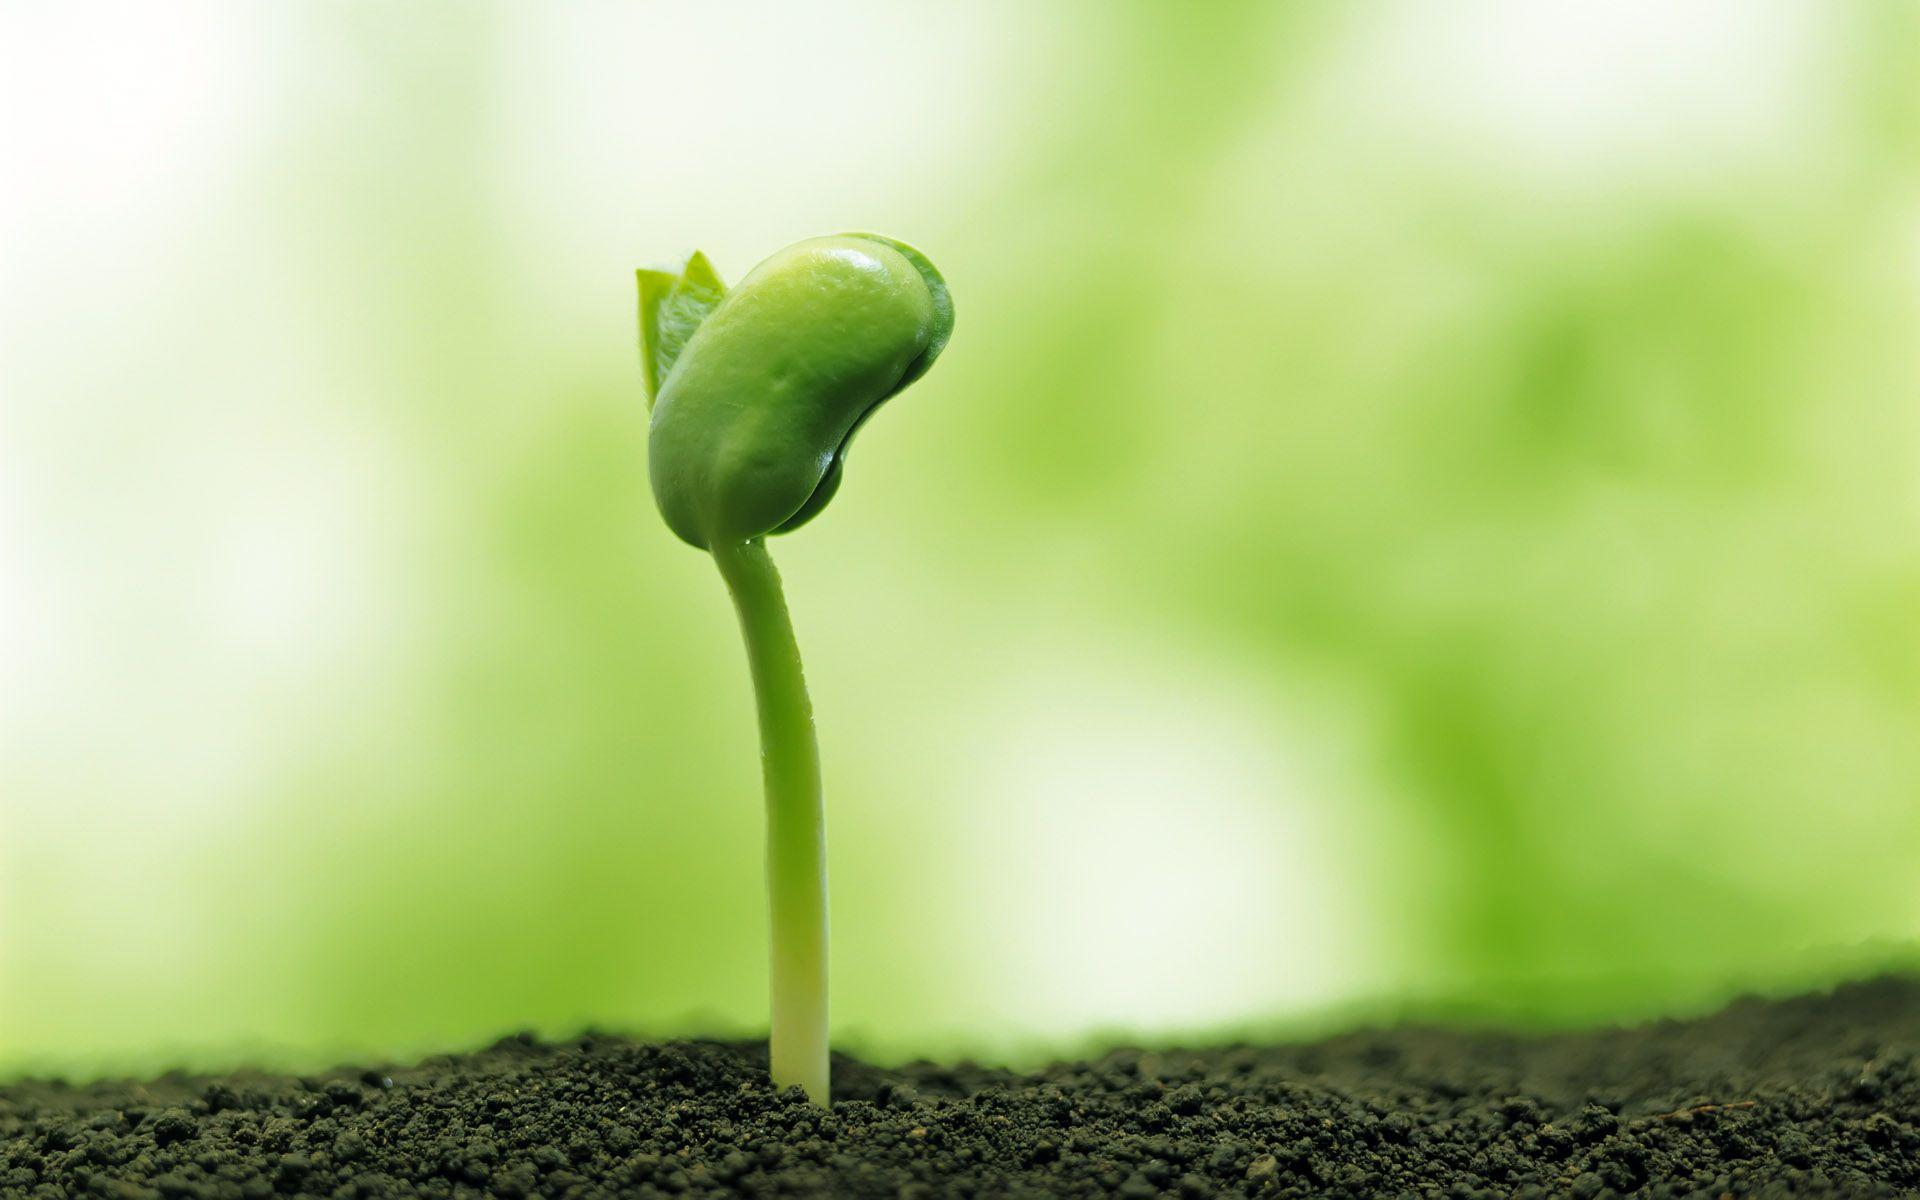 出土的清新绿色嫩芽 背景图片大全